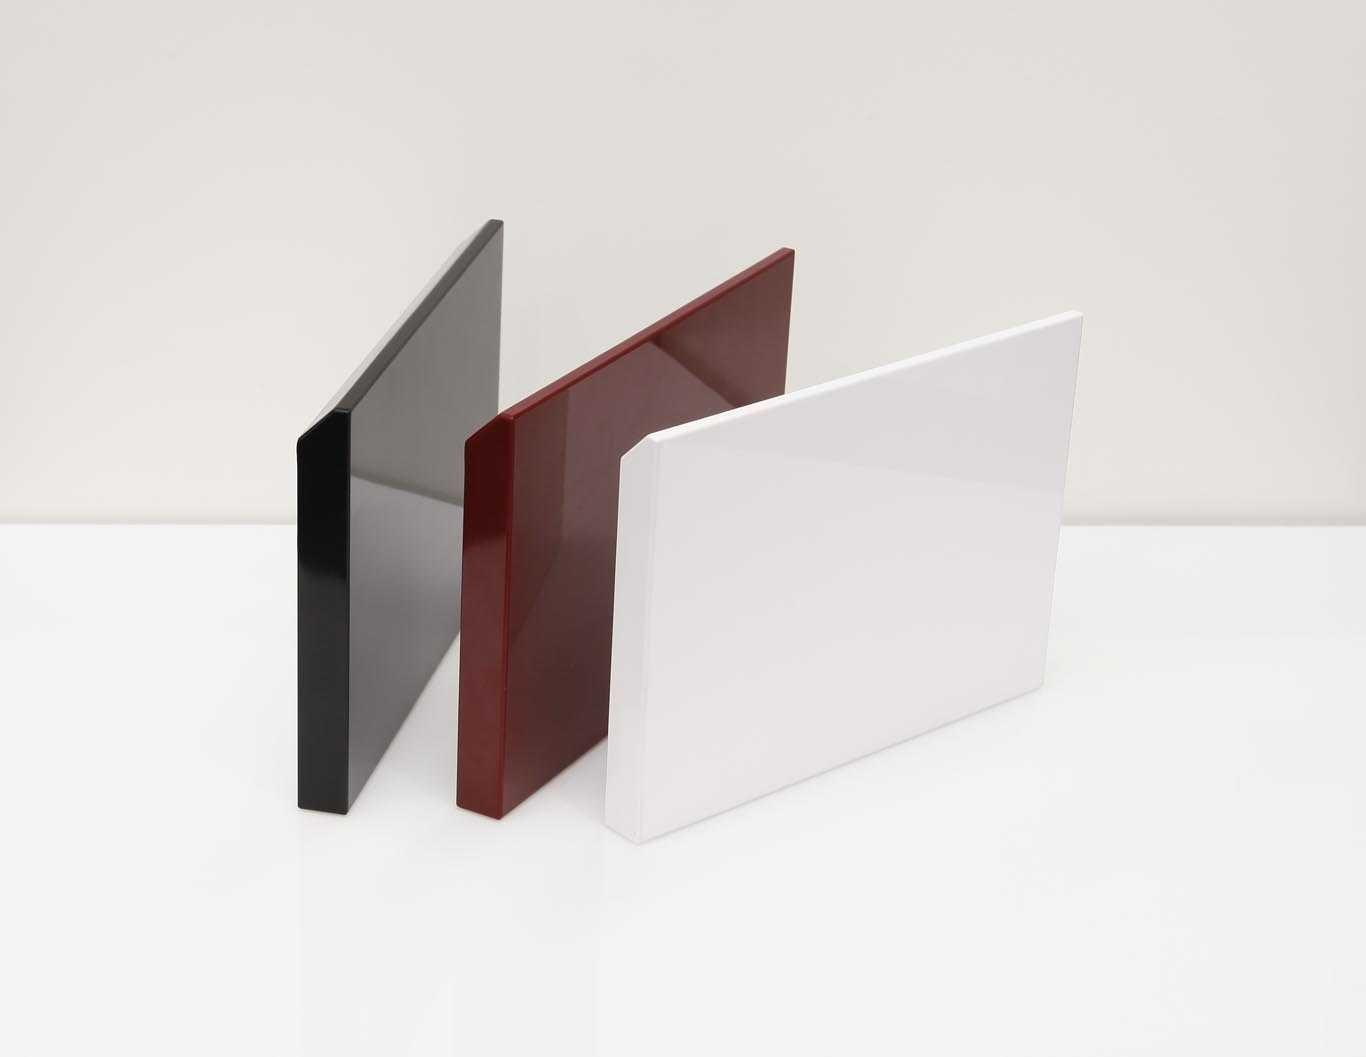 Gỗ Acrylic có tốt, có bền không - go acrylic co ben co tot khong 2